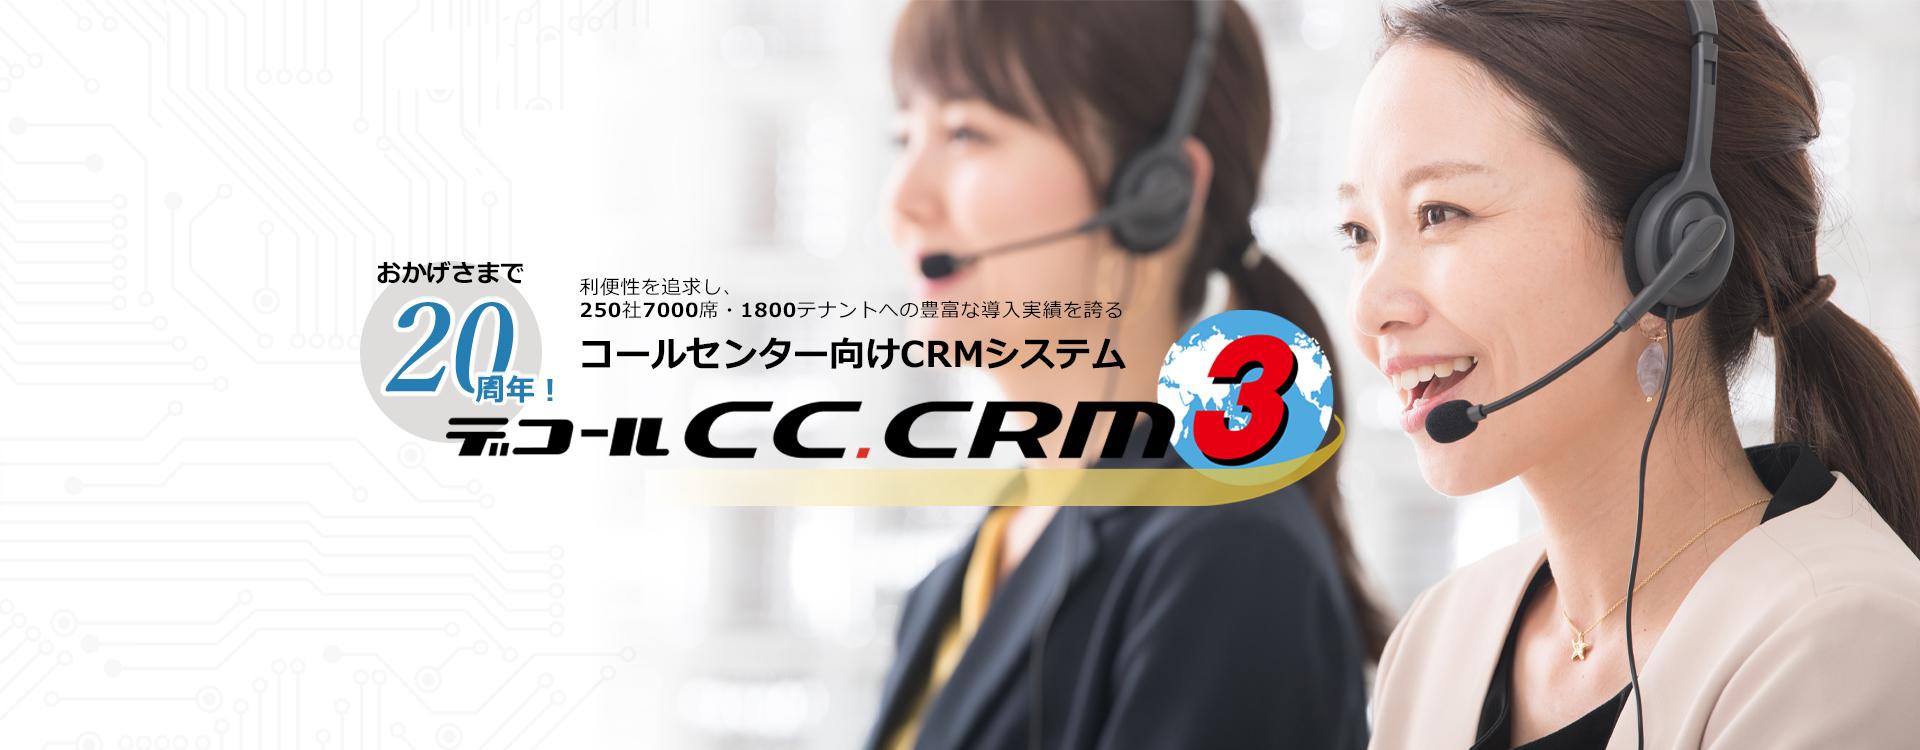 コースセンター向けCRMシステム デコールCC.CRM3